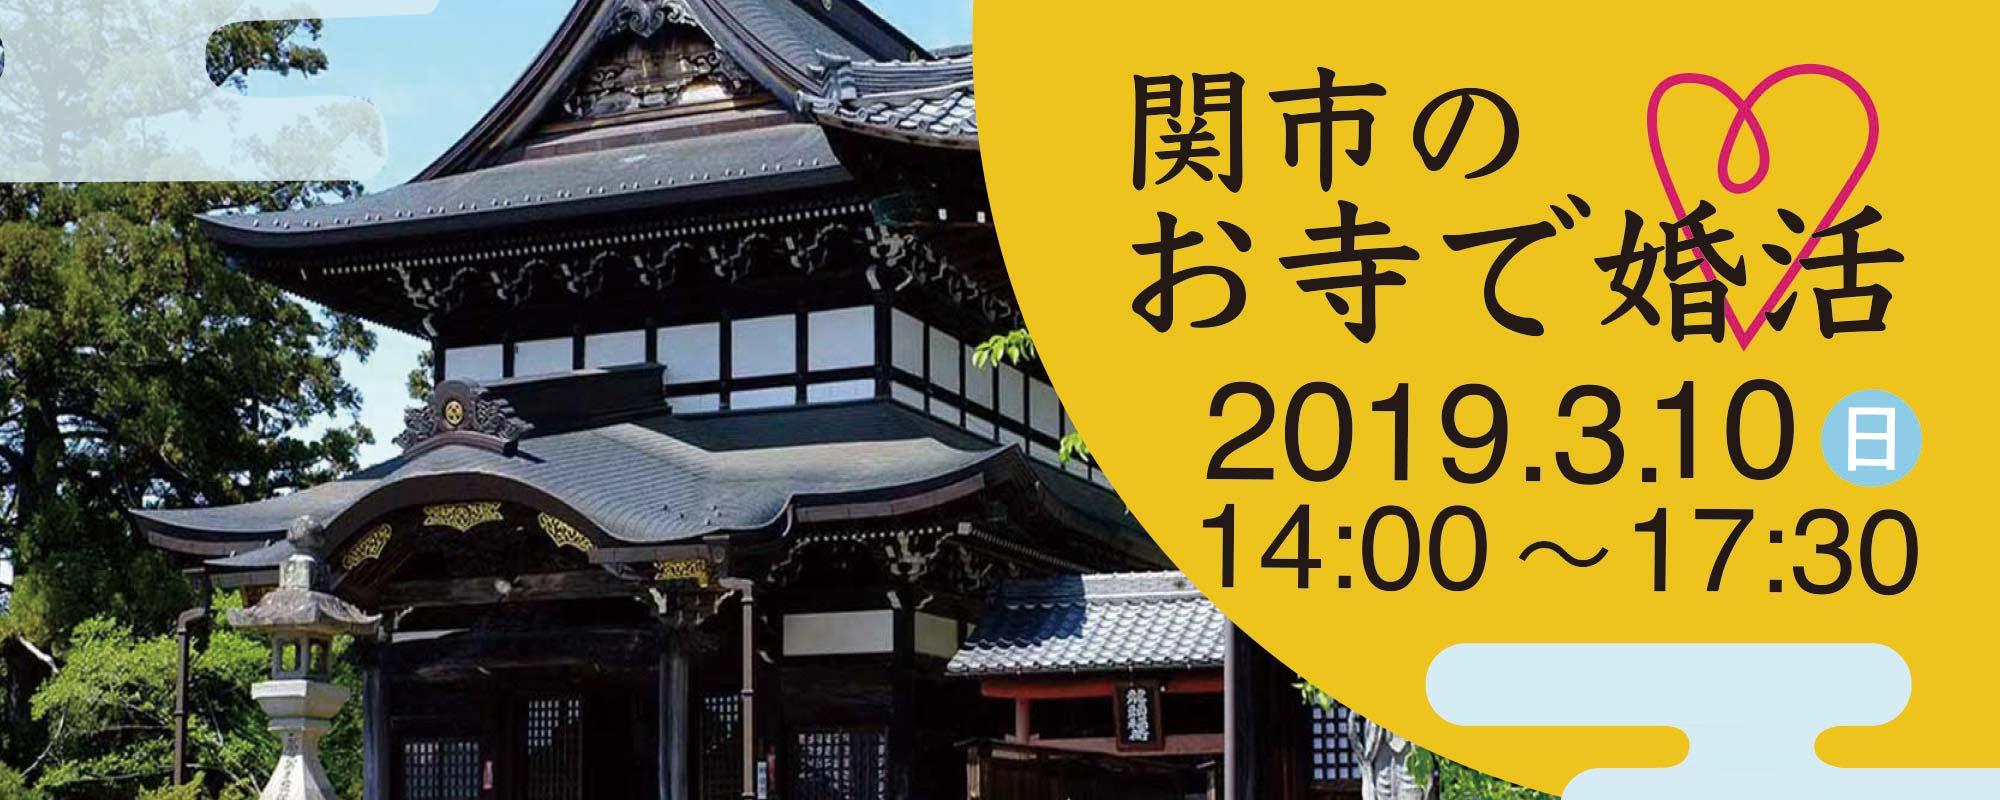 関市お寺で婚活バナー